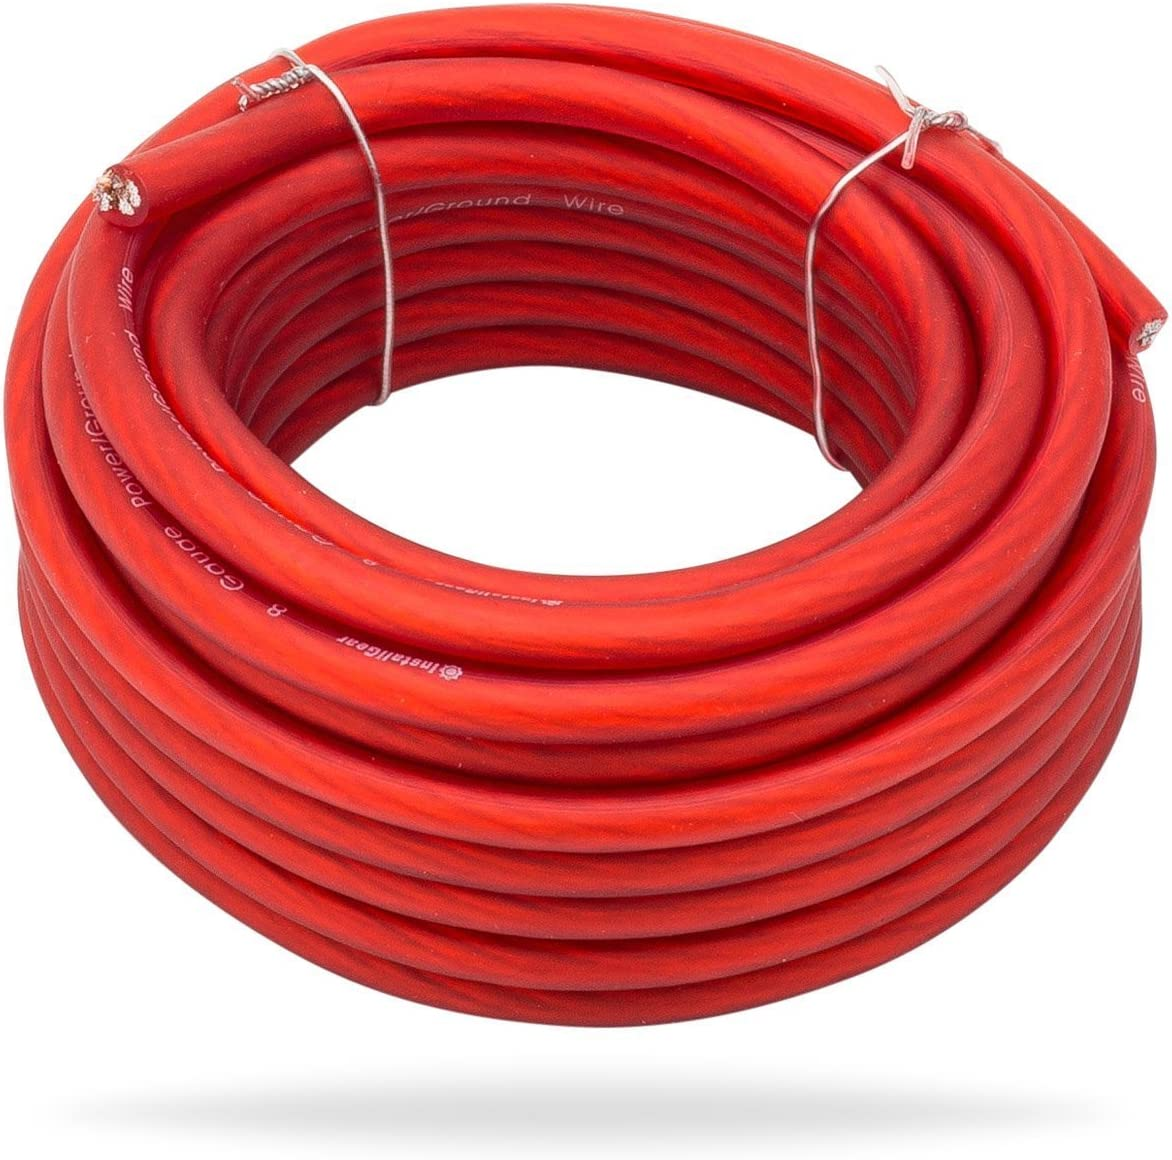 99.9/% Oxygen-Free Copper OFC InstallGear 4 Gauge Red 25ft Power//Ground Wire